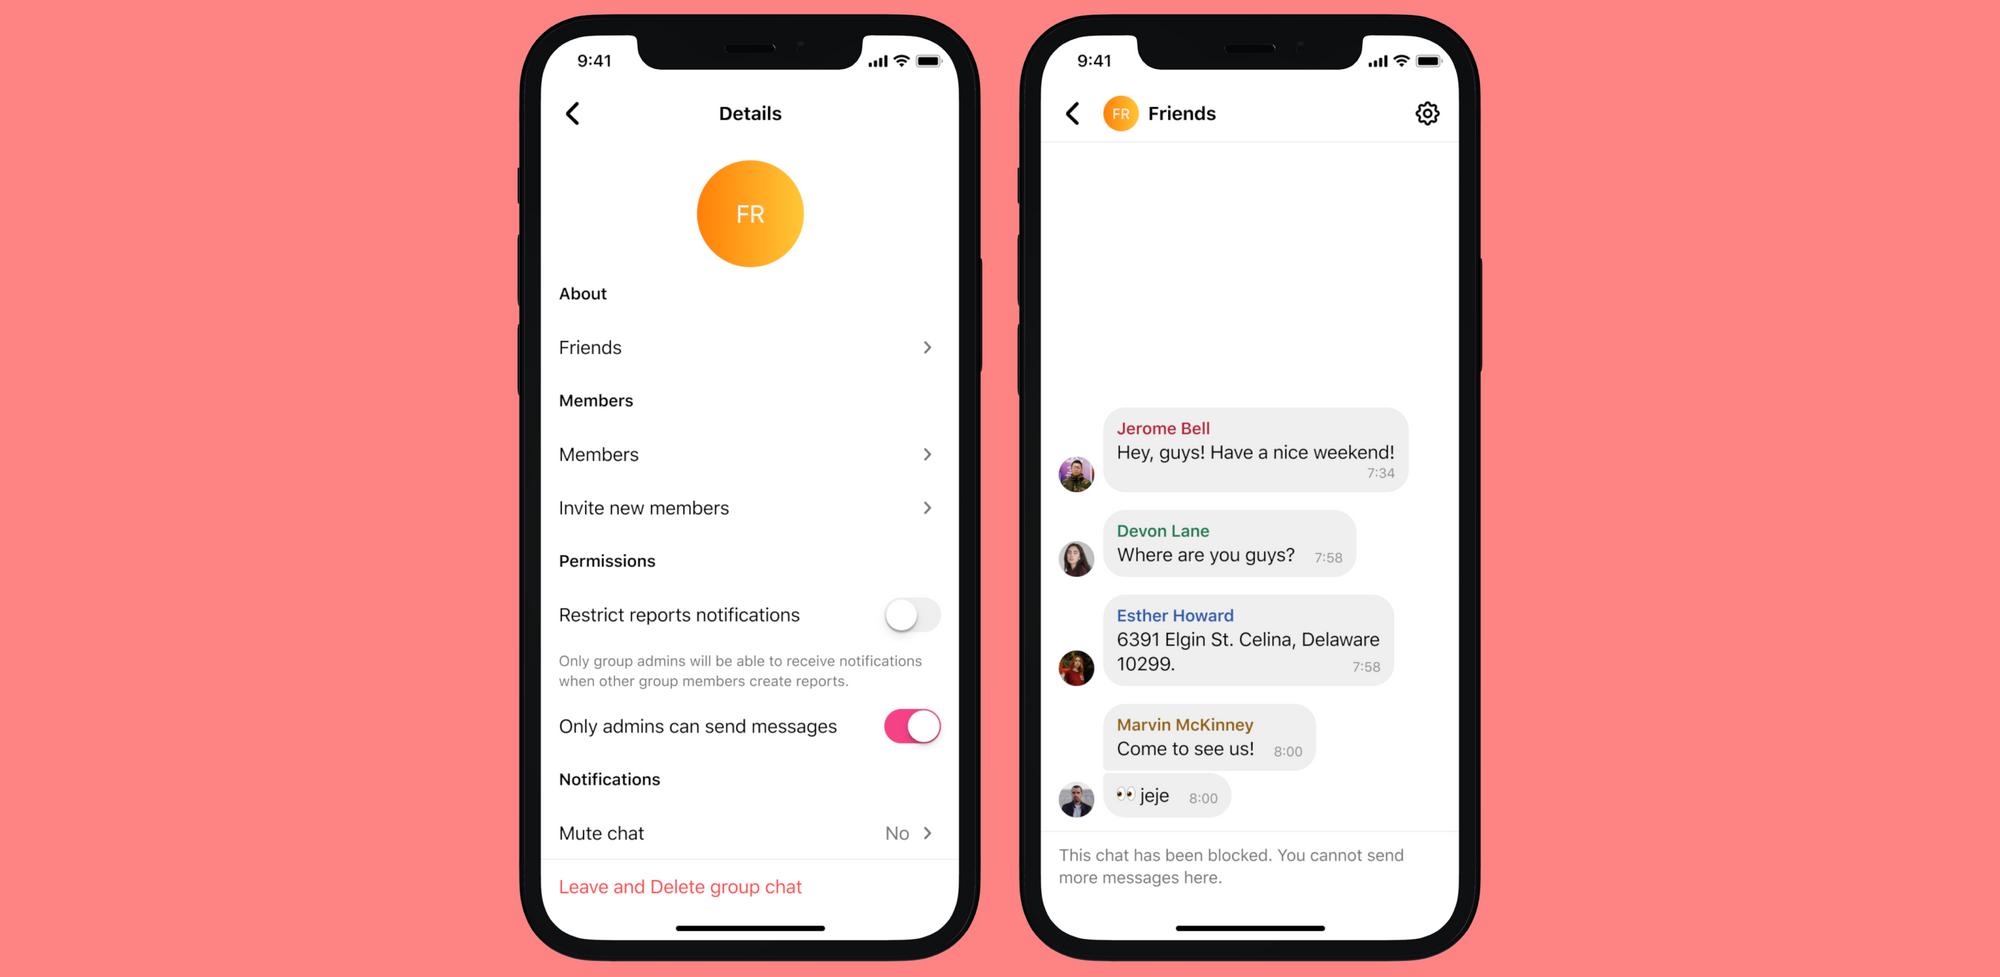 Los administradores de un chat grupal pueden restringir el envío de mensajes y ser los únicos que reciben notificaciones de reportes de los demás miembros.